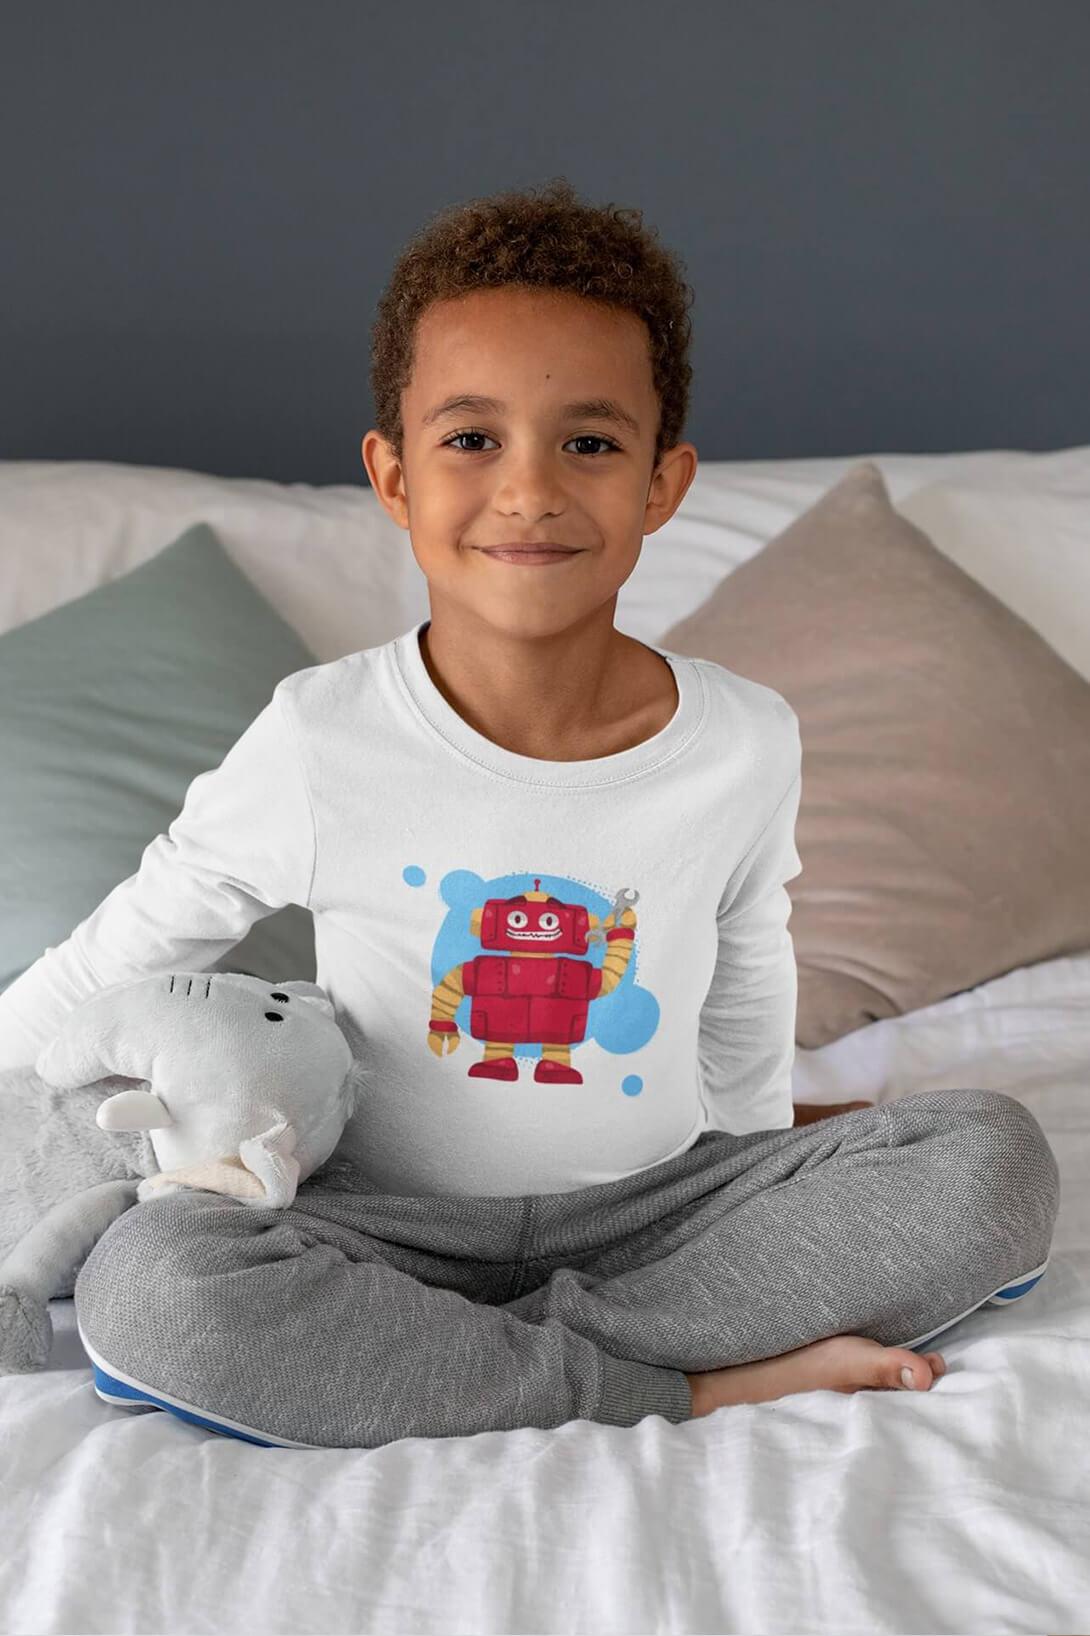 MMO Chlapčenské tričko s dlhým rukávom Robot Vyberte farbu:: Biela, Detská veľkosť: 158/12 rokov